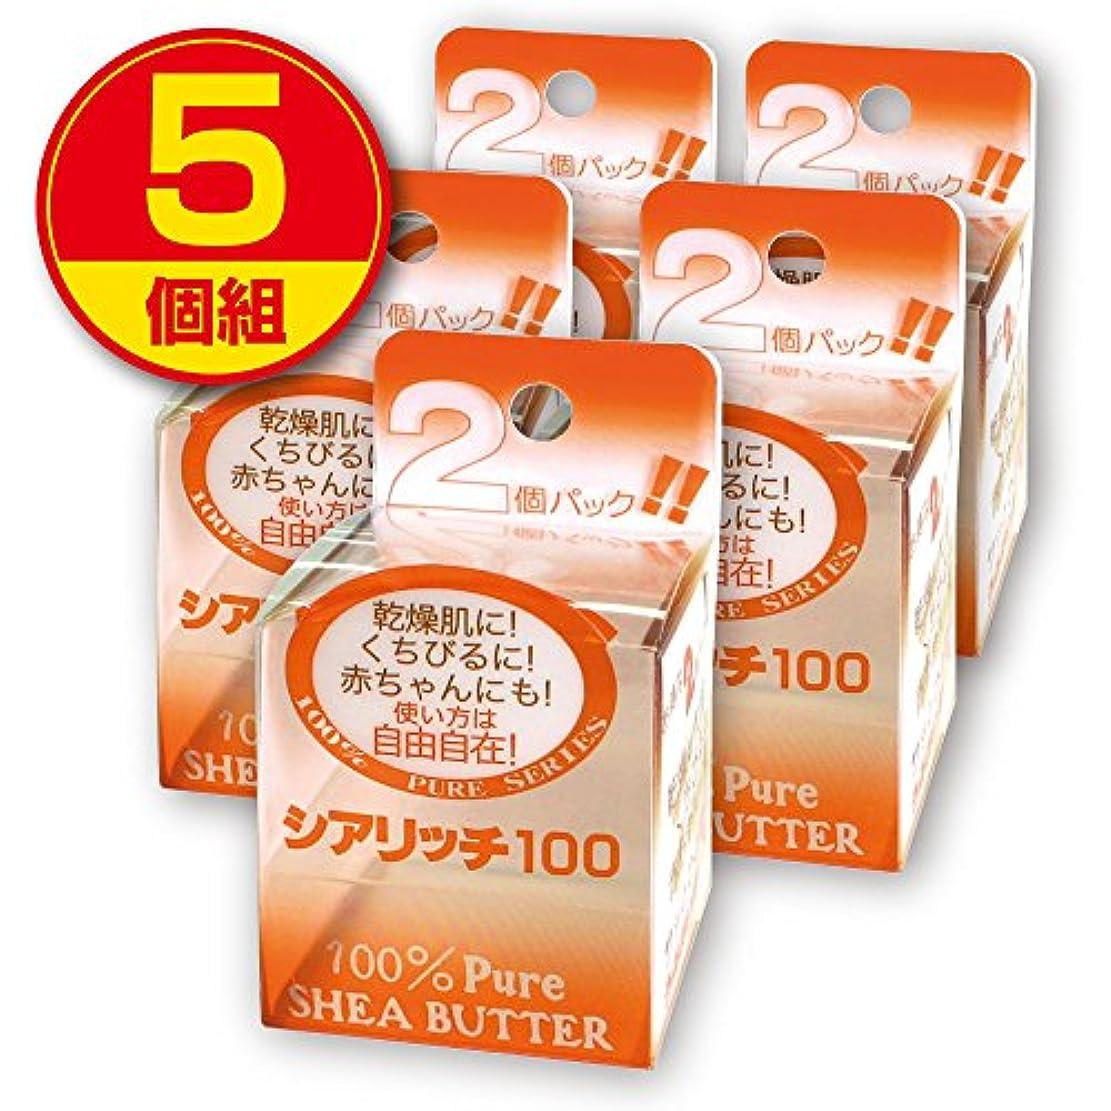 日本天然物研究所 シアリッチ100 (8g×2個入り)【5個組】(無添加100%シアバター)無香料